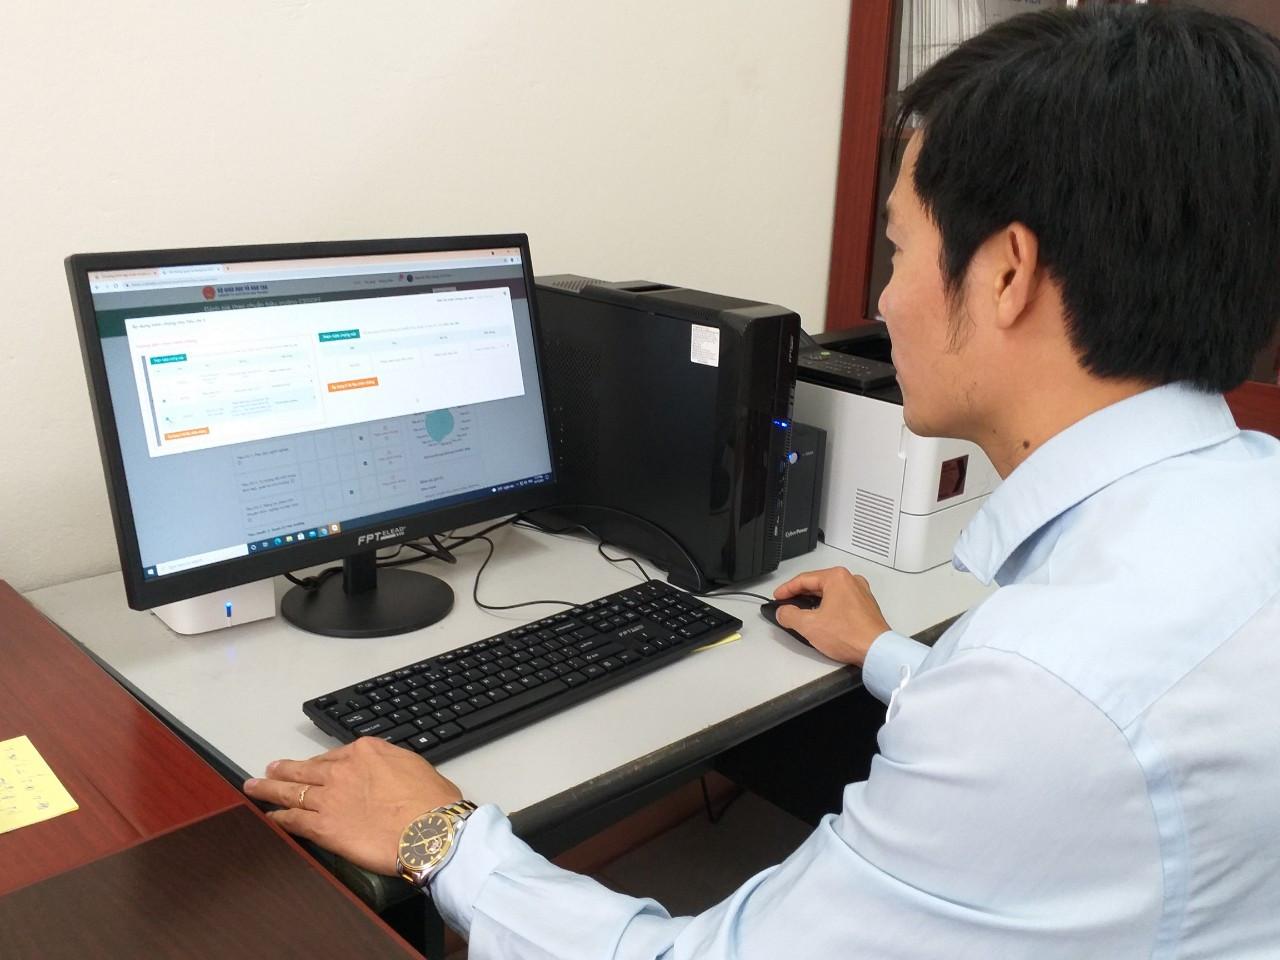 TEMIS góp phần đẩy mạnh chuyển đổi số trong đánh giá cán bộ quản lý, giáo viên